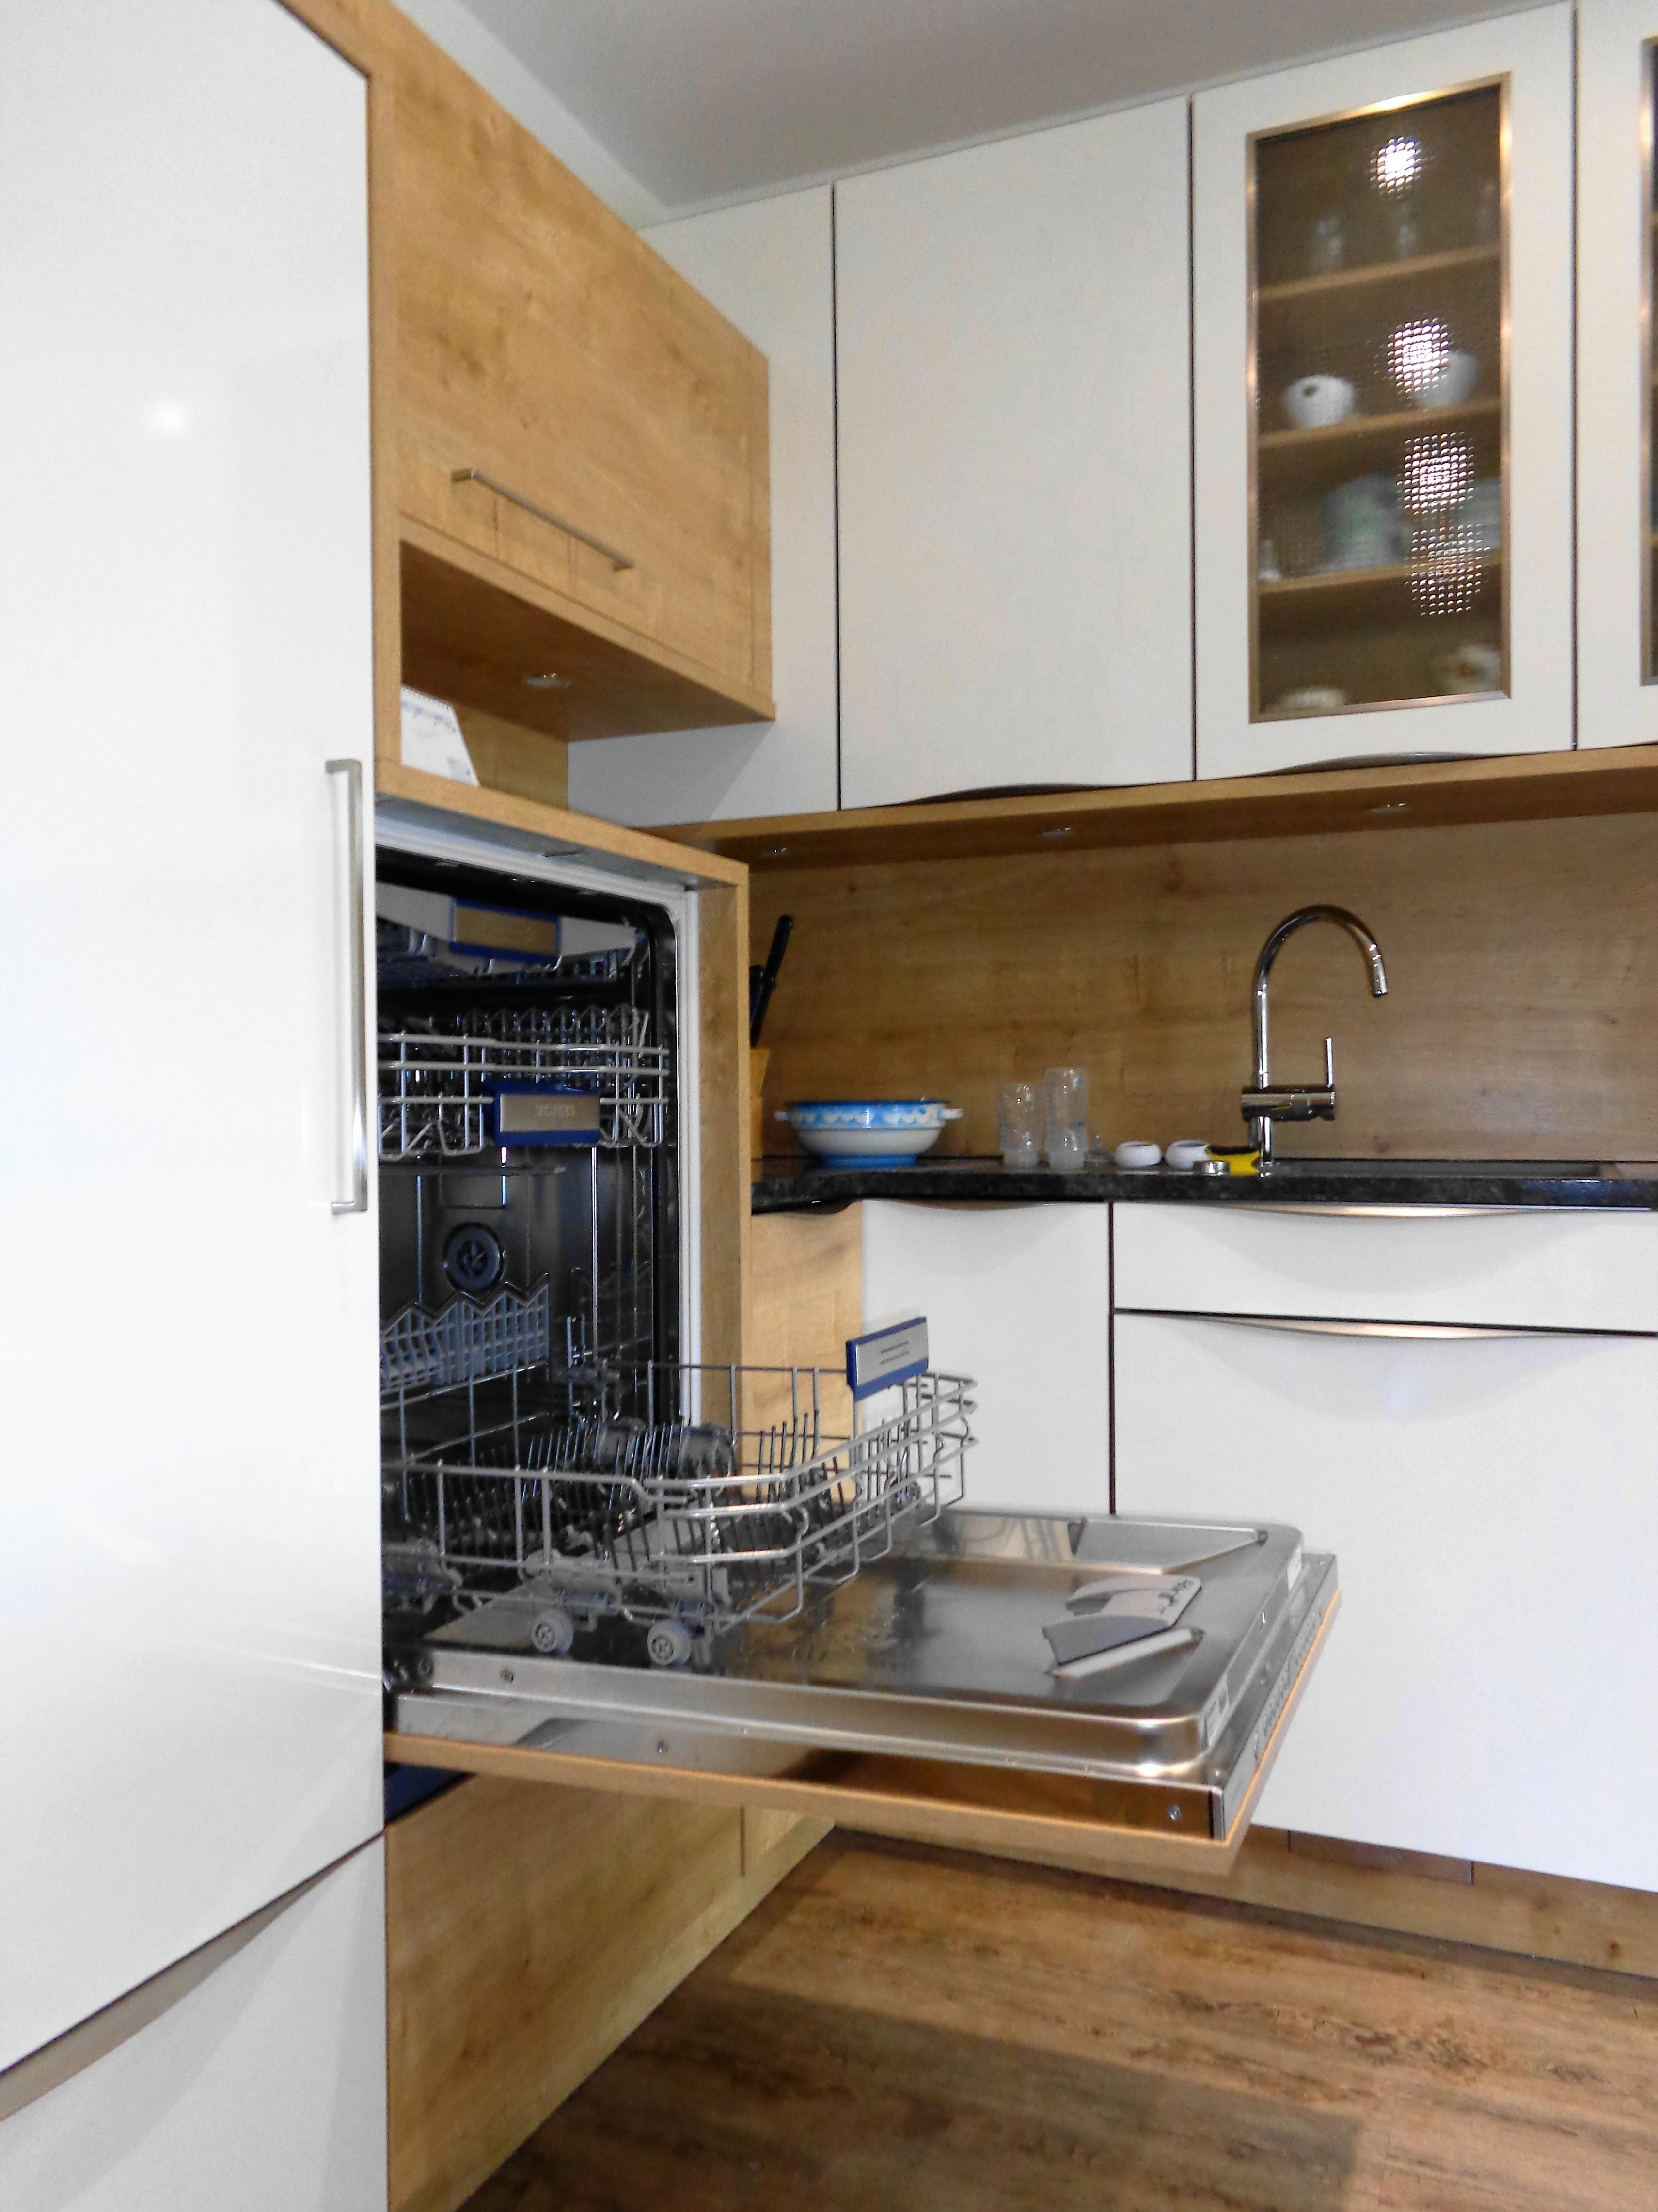 Abfallsystem Küche ist schöne ideen für ihr wohnideen